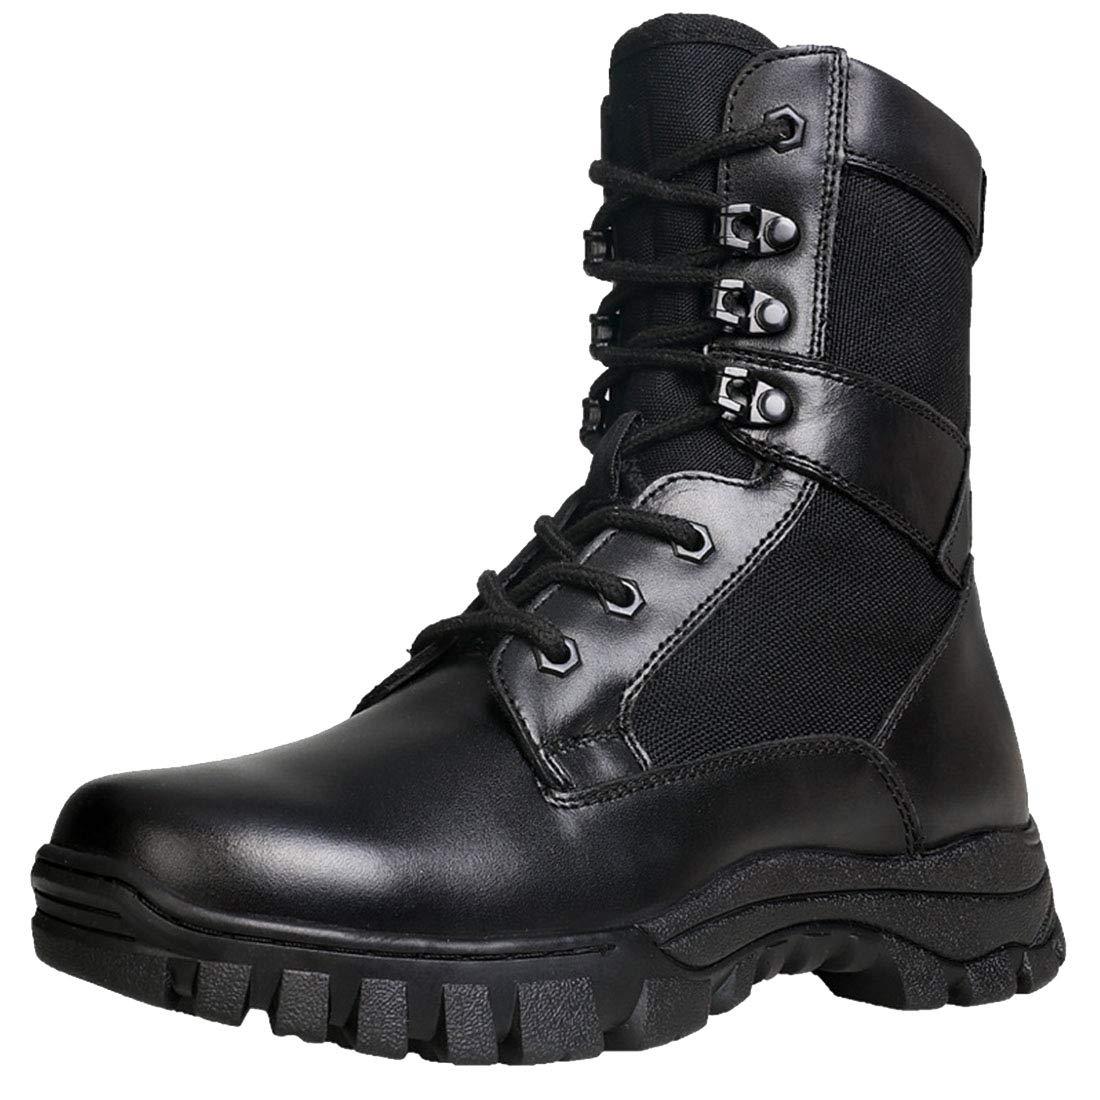 Noir FLYA Chaussures de randonnée pour Hommes avec Chaussures de randonnée pour Toutes Les Saisons, Marche, randonnée, Camping, randonnée, vélo,noir-36EU 39EU